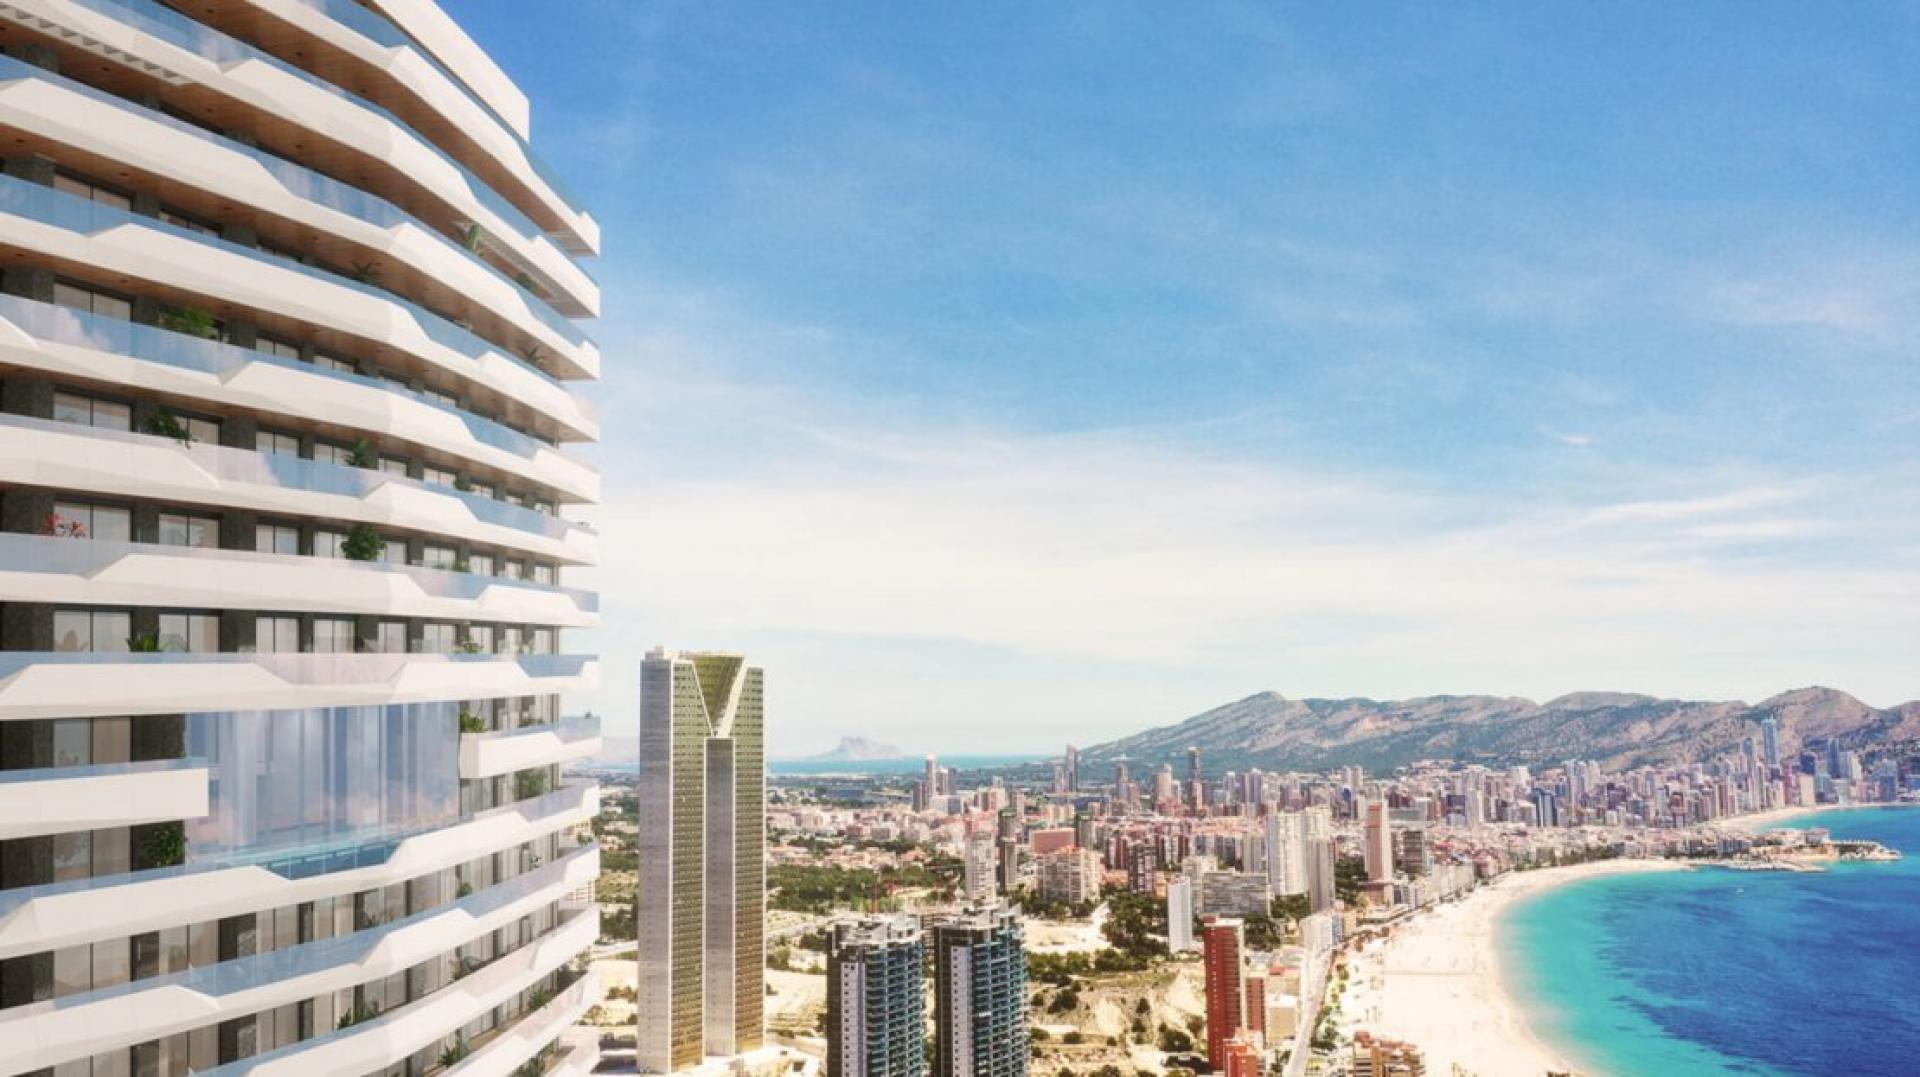 Benidorm - Appartementen met prachtig uitzicht op zee in Medvilla Spanje